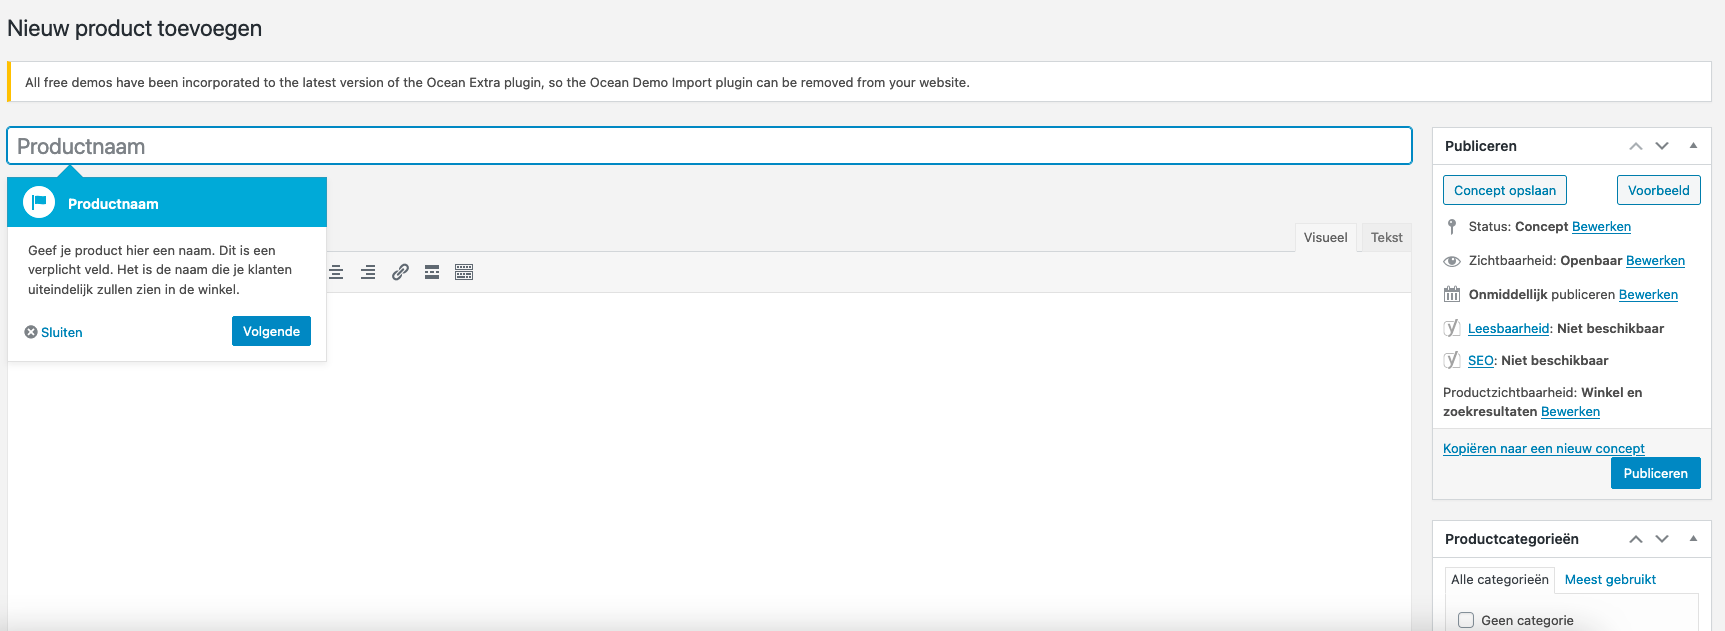 Nieuw product toevoegen aan je WooCommerce webshop